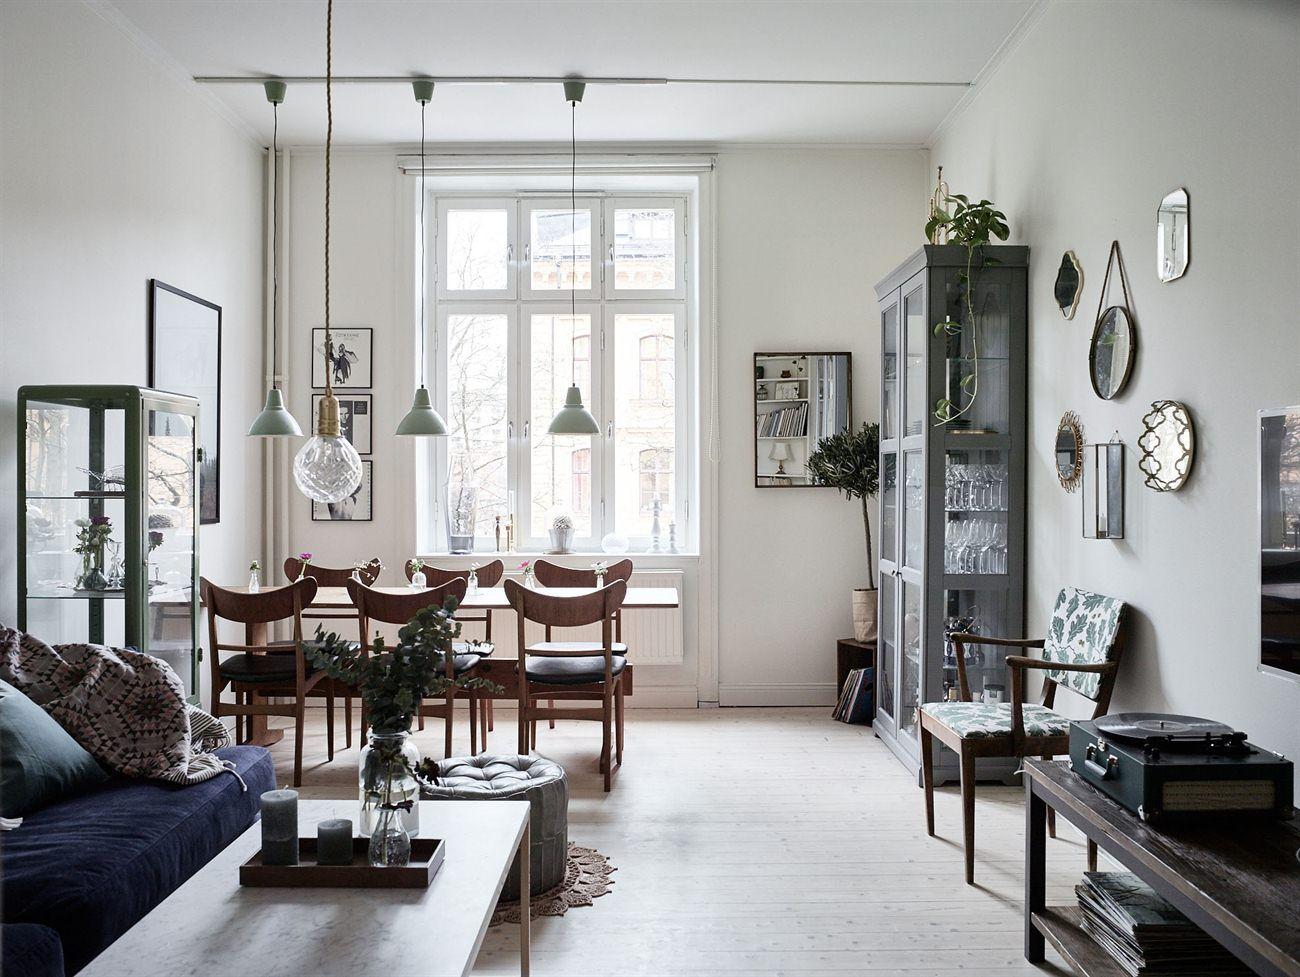 Blog de decoraciÓn my leitmotiv home pinterest apartments